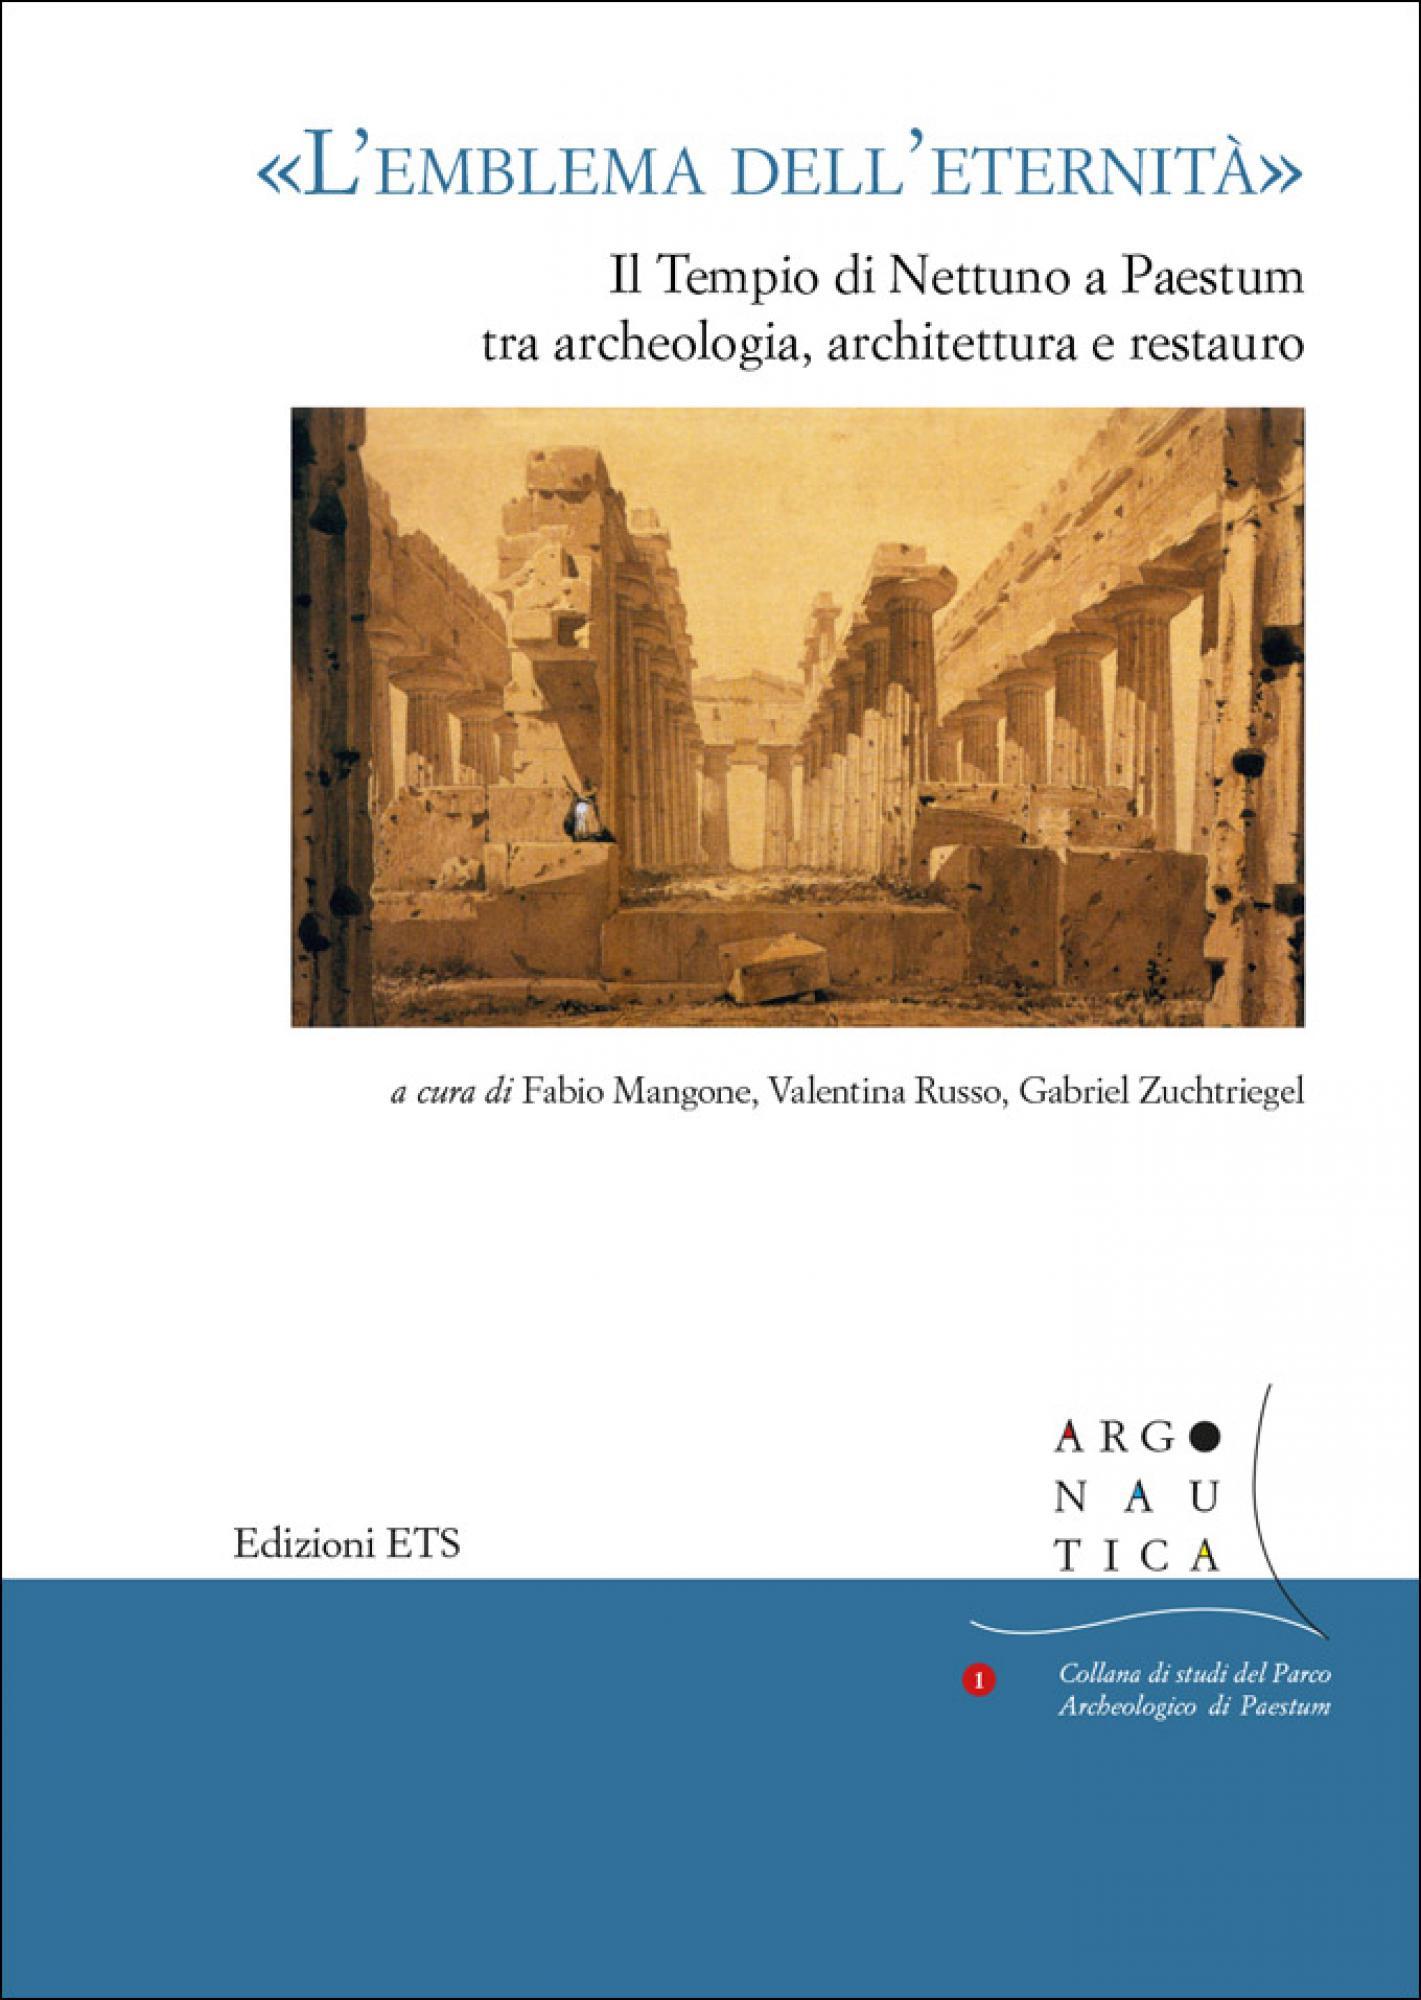 «L'emblema dell'eternità».Il Tempio di Nettuno a Paestum  tra archeologia, architettura e restauro